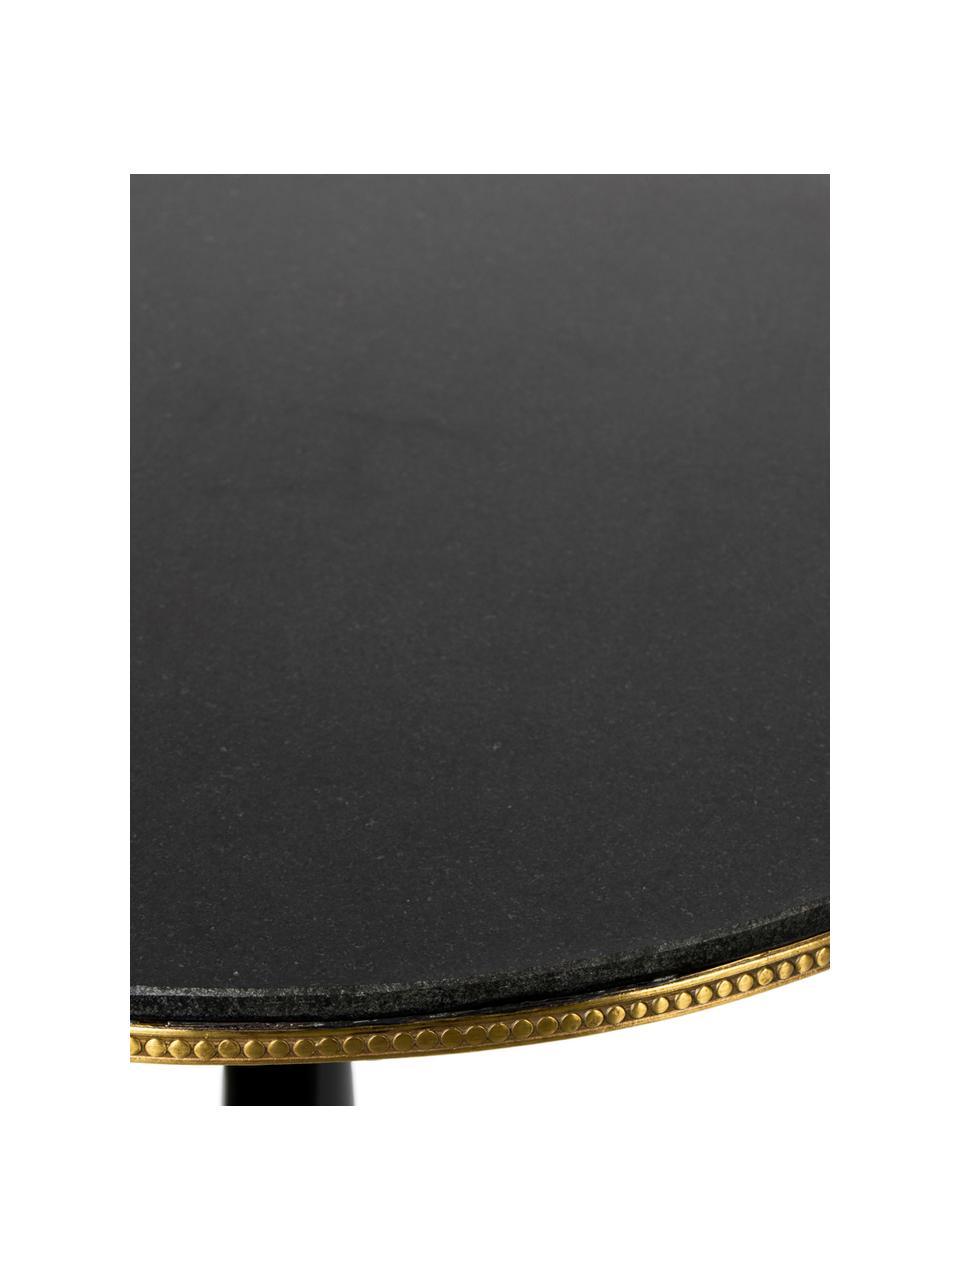 Okrągły stół do jadalni z blatem z granitu Own The Glow, Blat: granitowy, Czarny, Ø 65 x W 76 cm